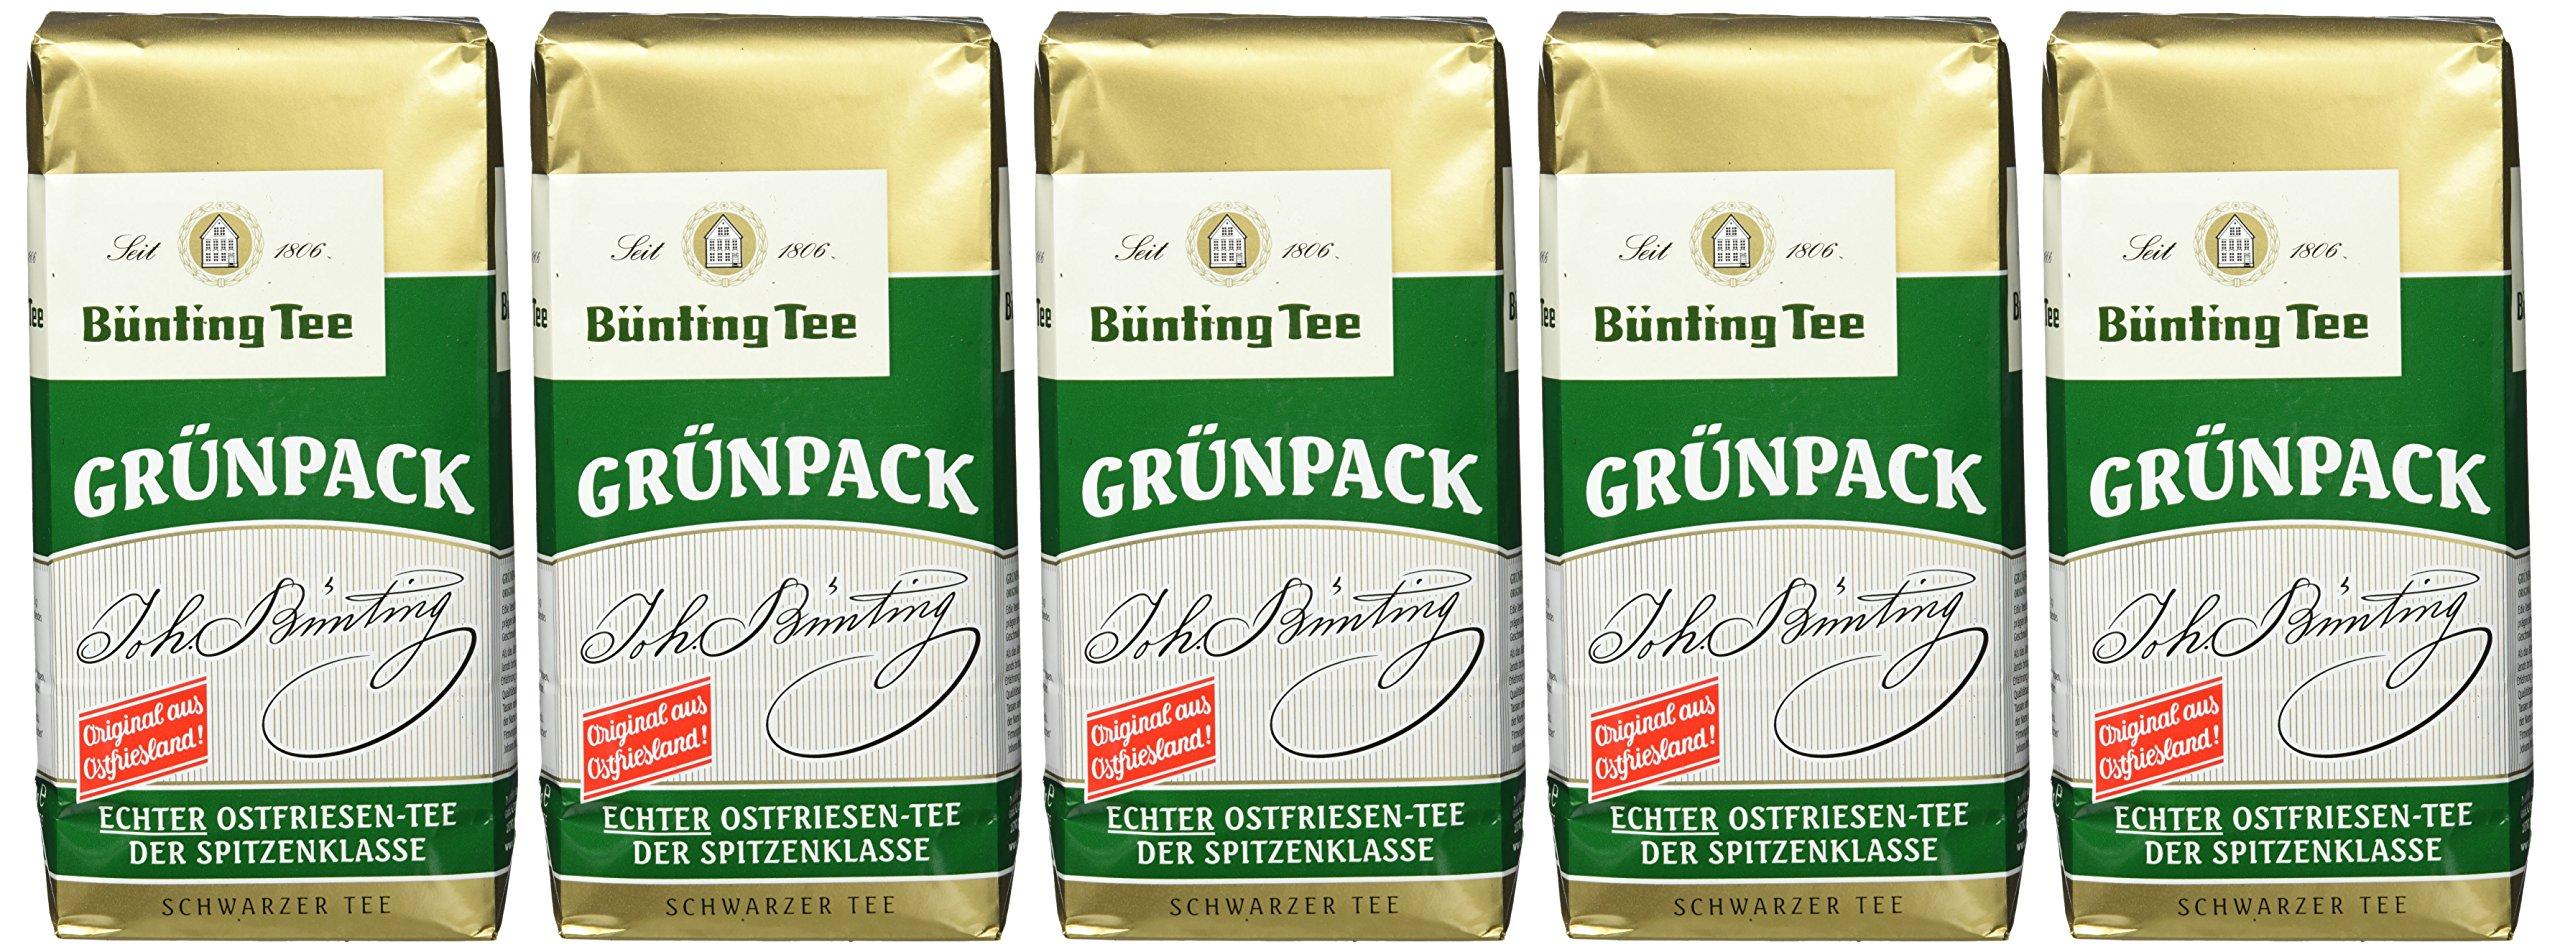 Bnting-Tee-Grnpack-Echter-Ostfriesentee-500-g-lose-1-x-500-g-parent